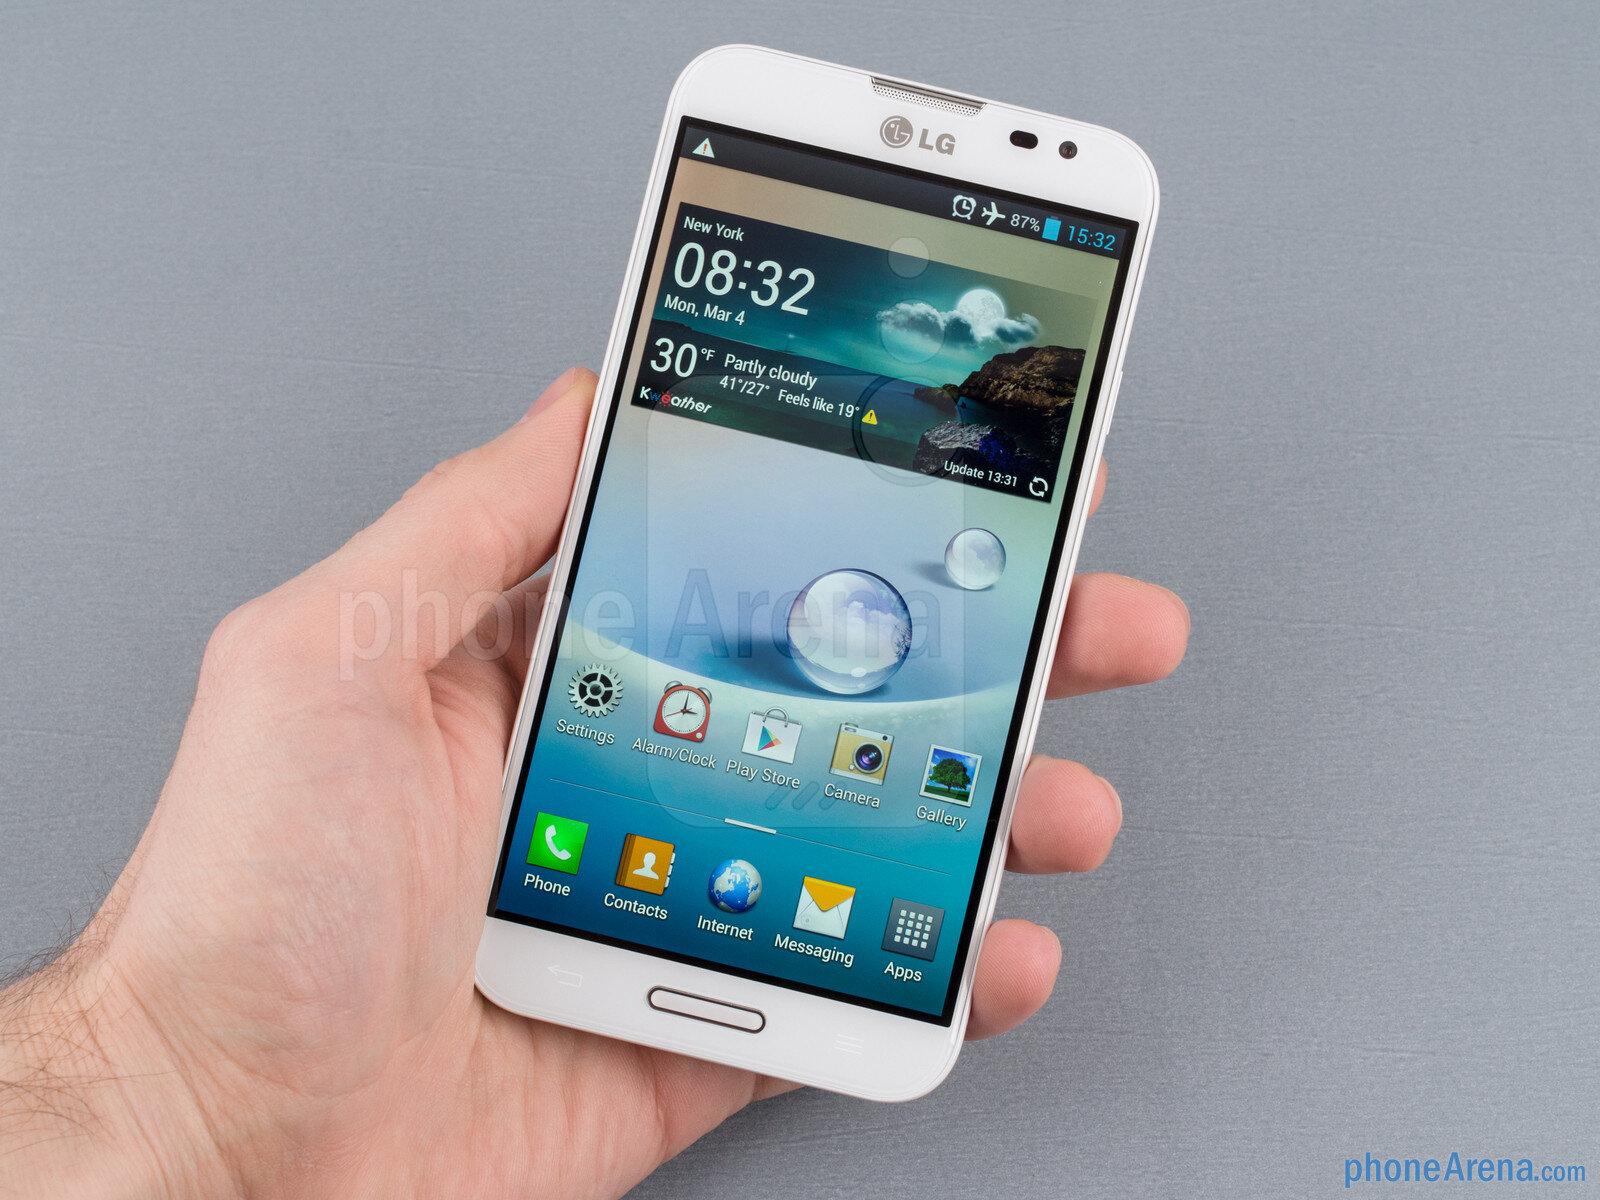 So sánh điện thoại Sony Xperia M2 Dual và điện thoại LG Optimus G Pro